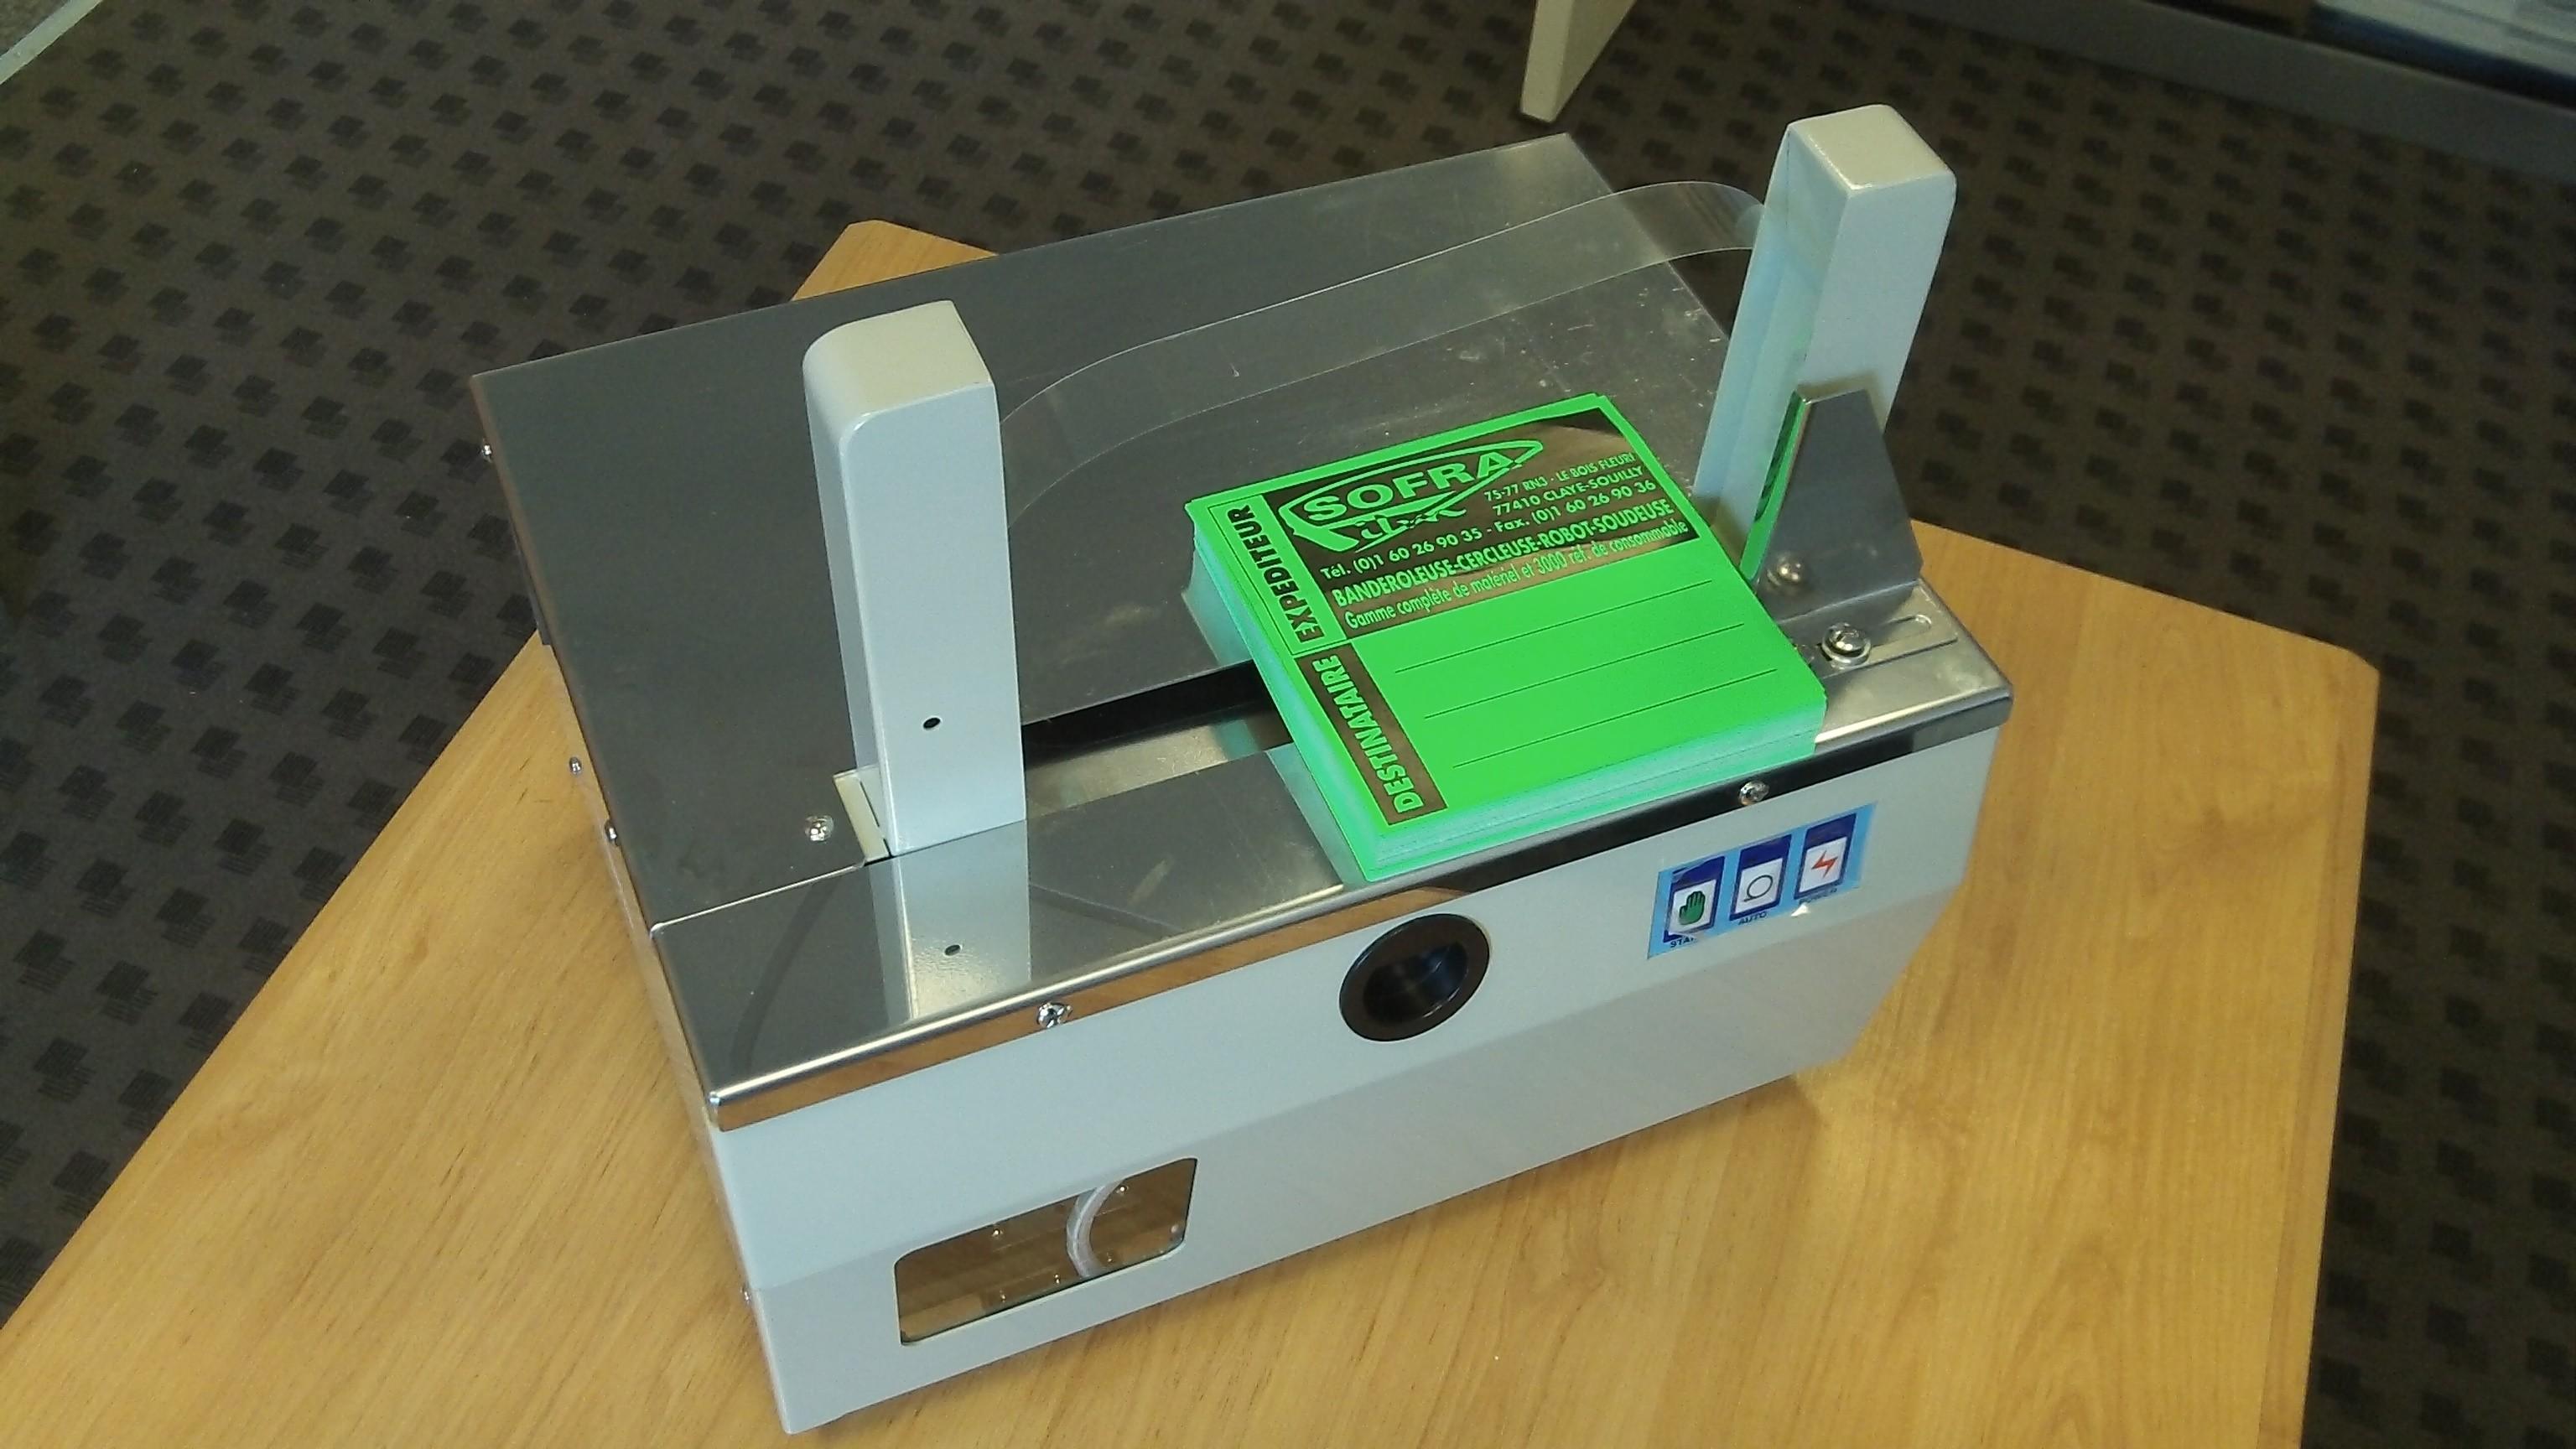 banderoleuse de table sa-88 liasseuse bande papier de table